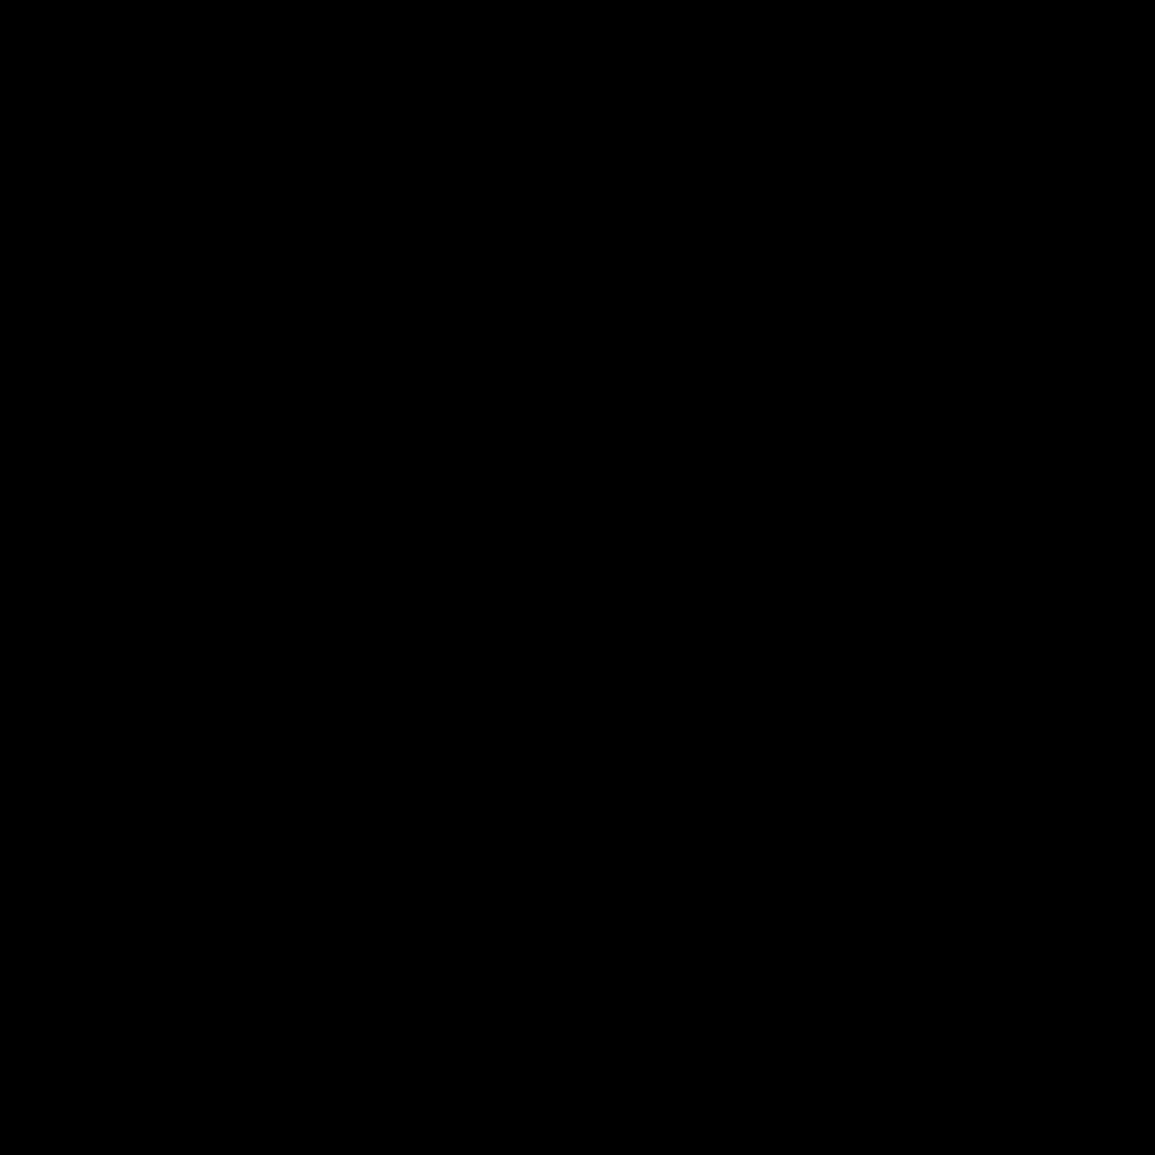 ナール E 幼児用かな KENARE 字形見本